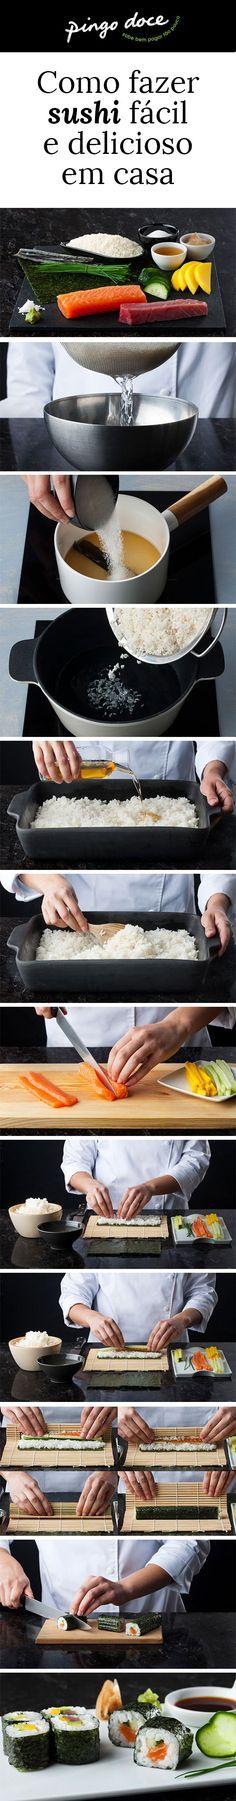 É daquelas pessoas que nem se atreve a tentar fazer o seu próprio sushi porque pensa que é demasiado difícil? Chegou o dia de arriscar. Fazer sushi é mais fácil do que pensa. Veja como.